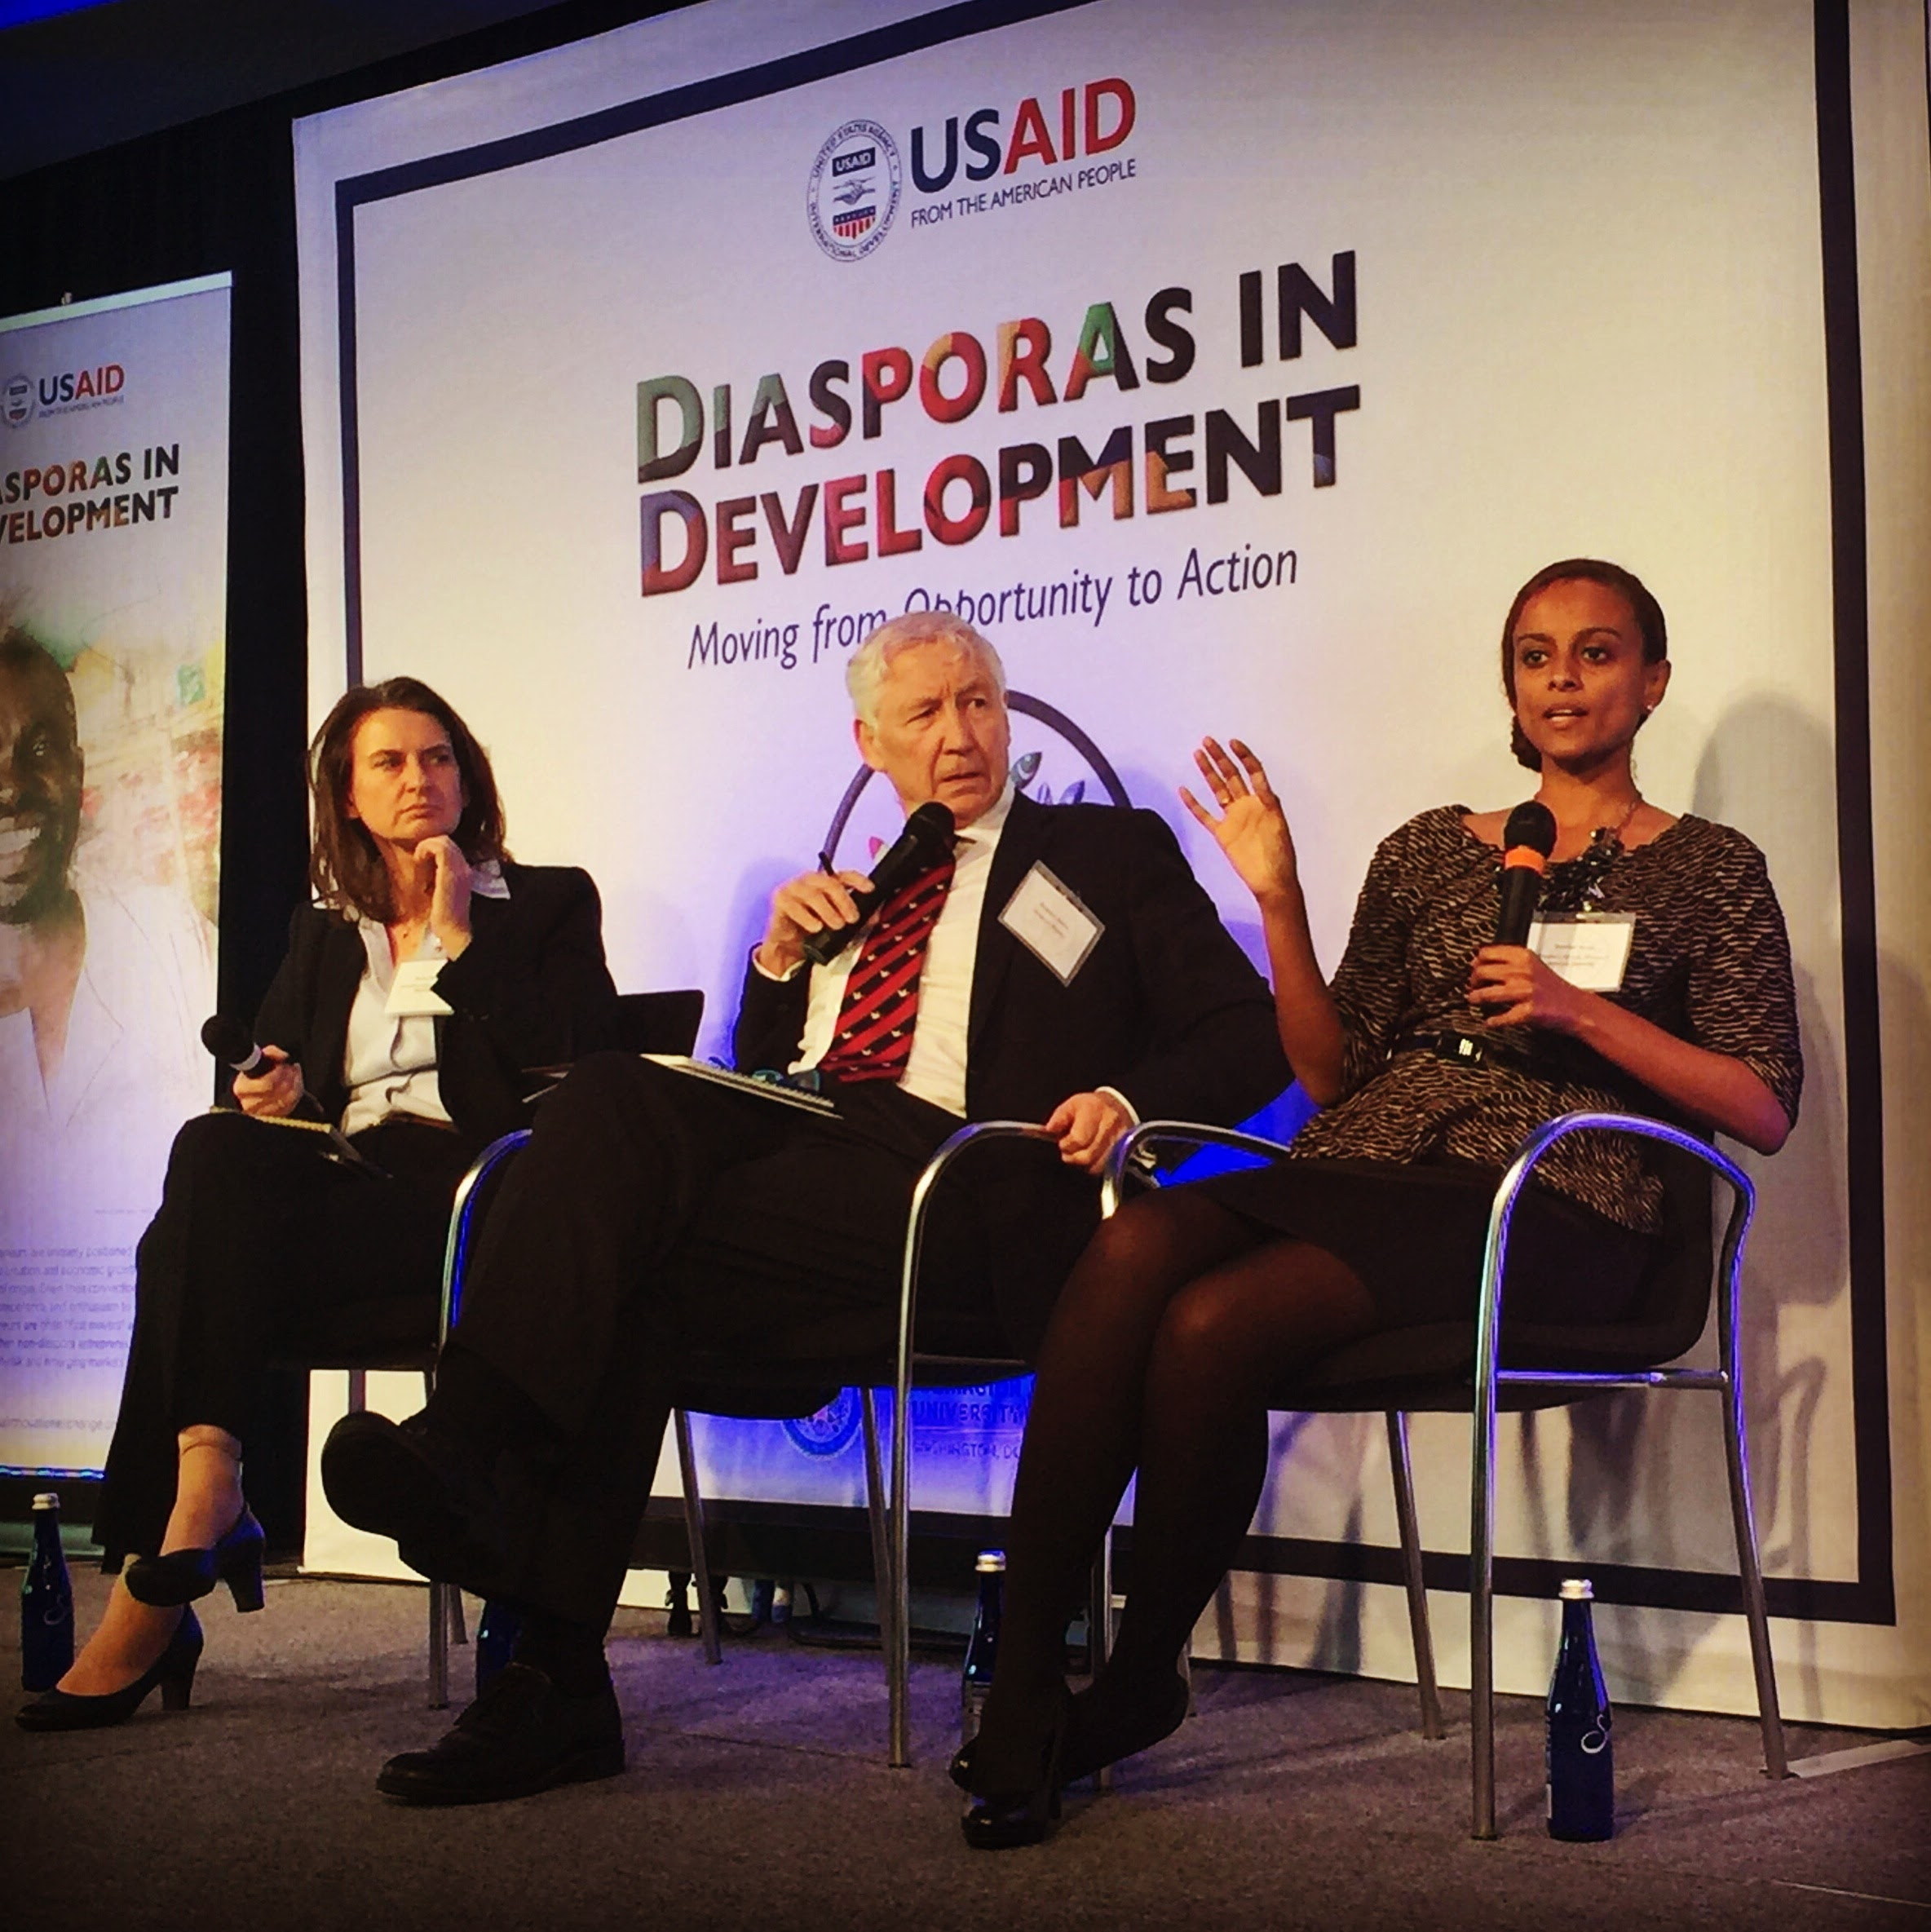 Diaspora in Development